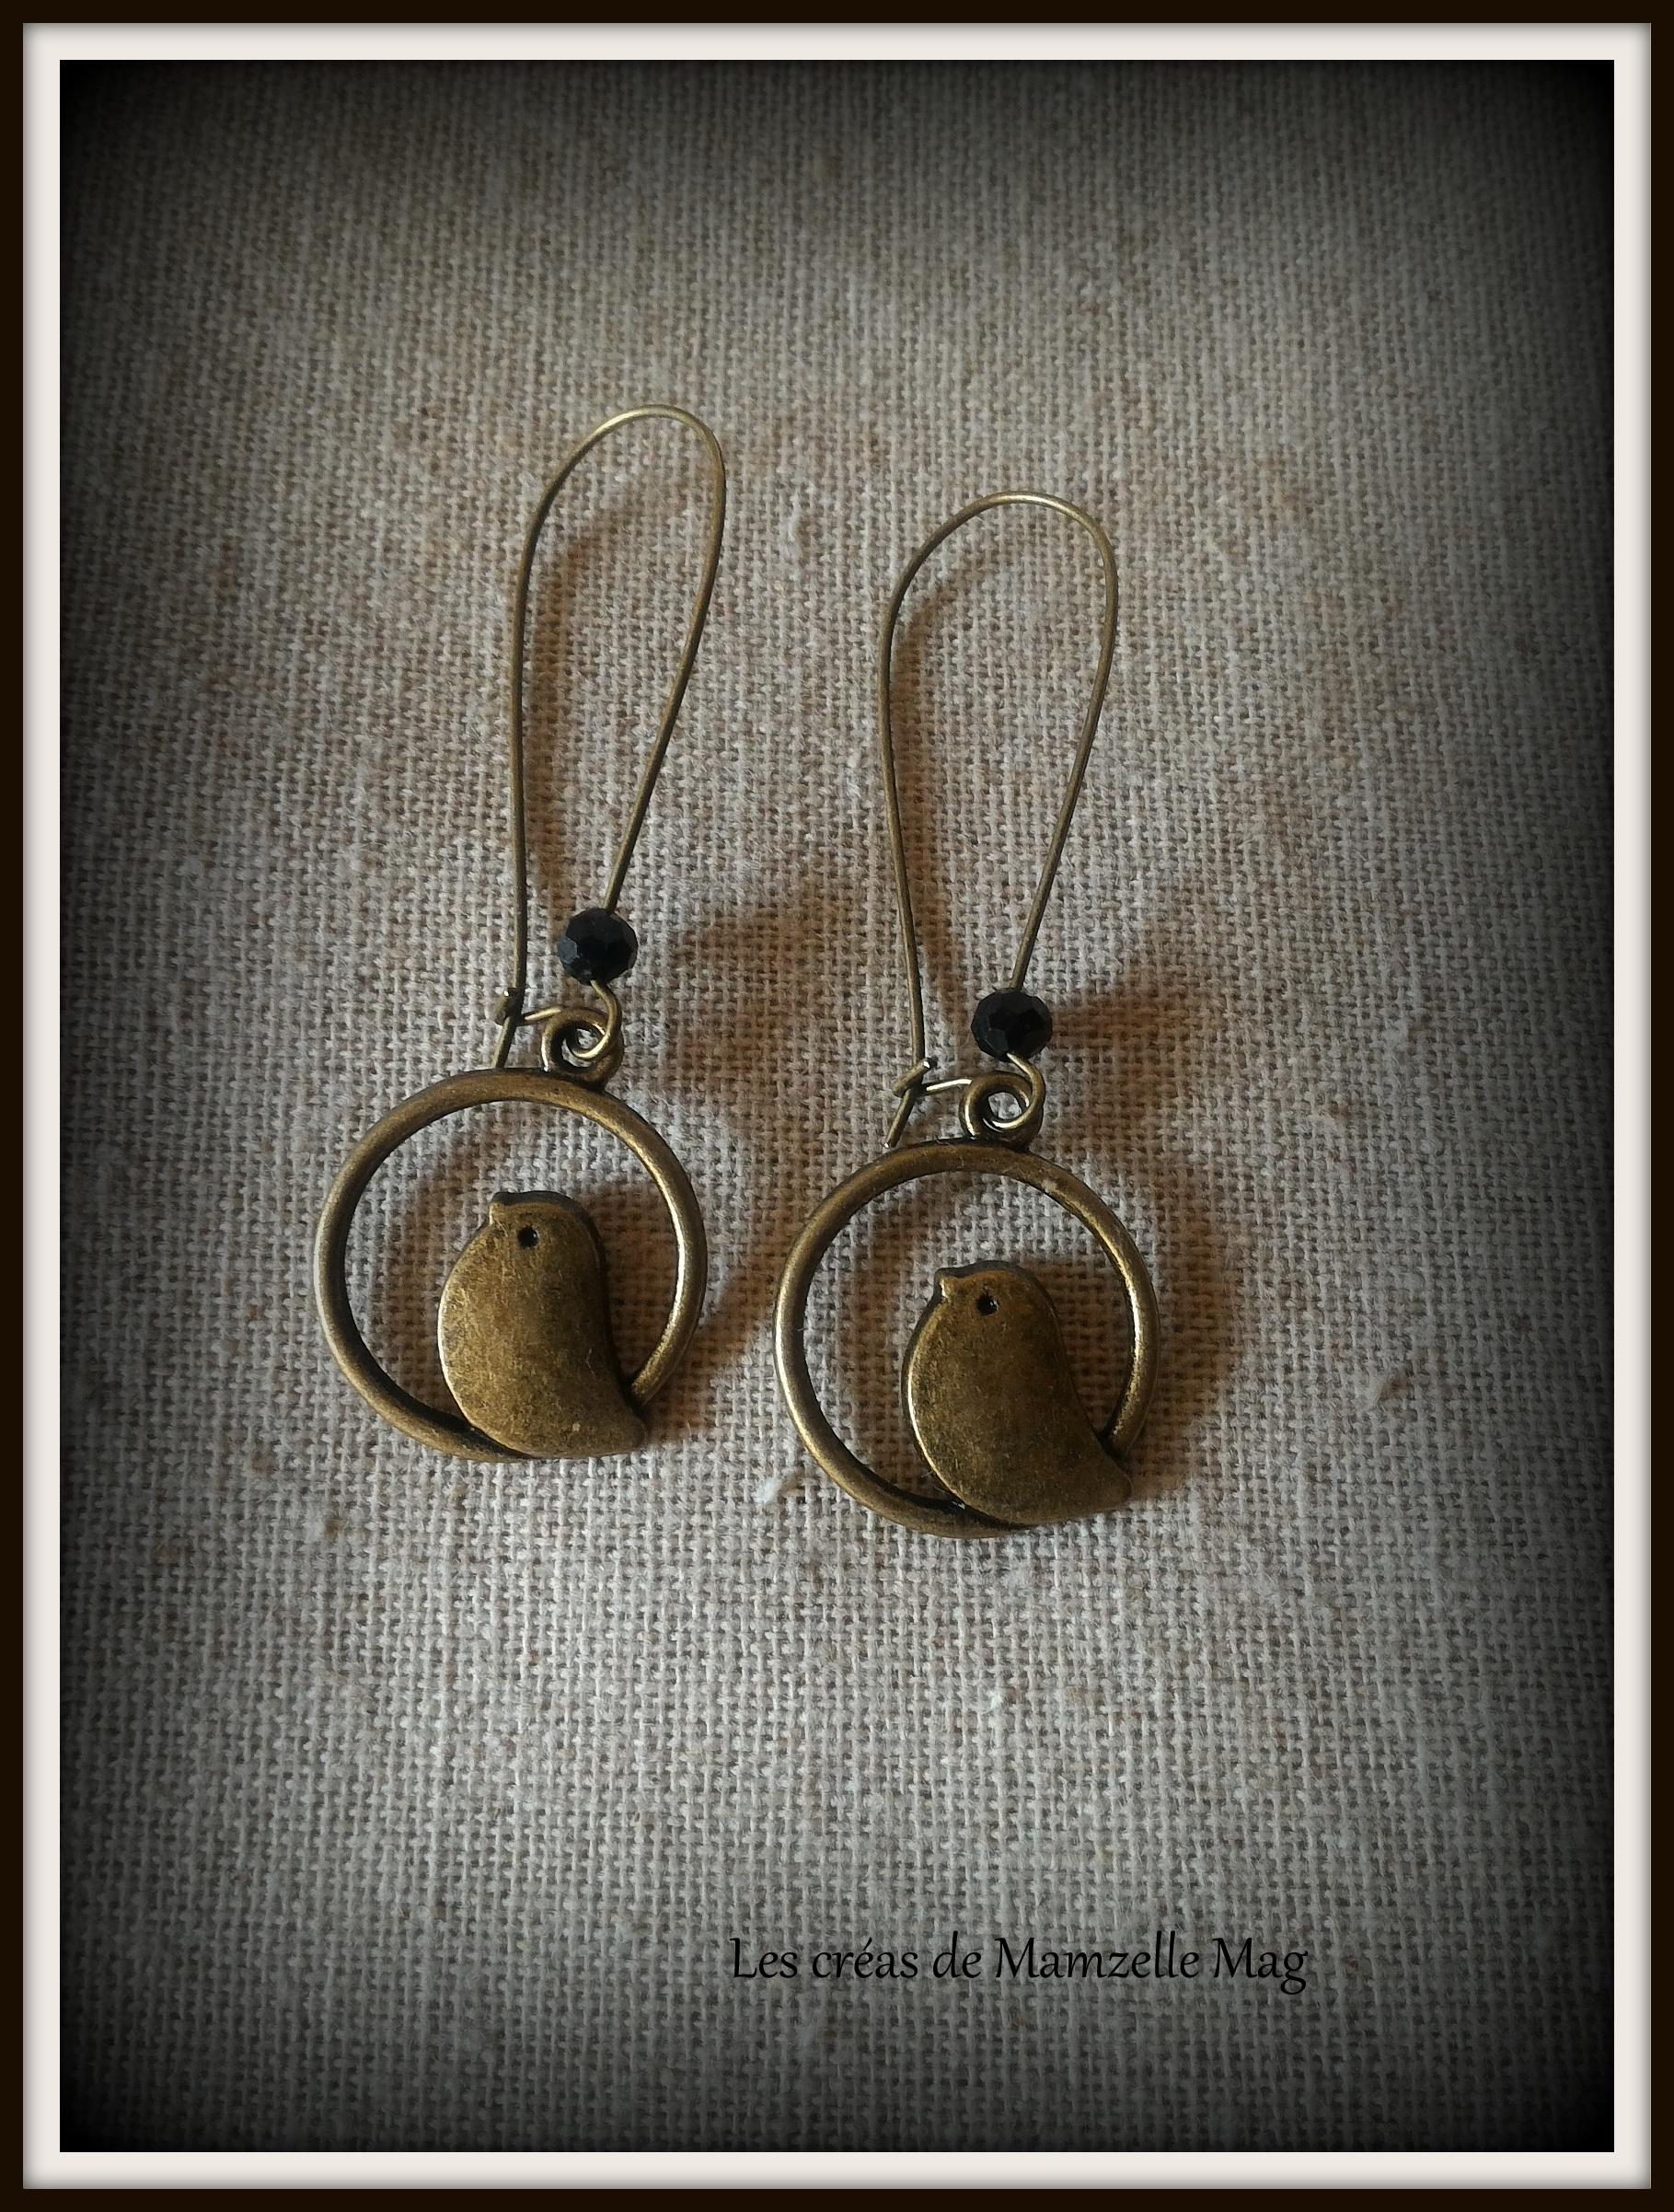 boucle d'oreille bronze